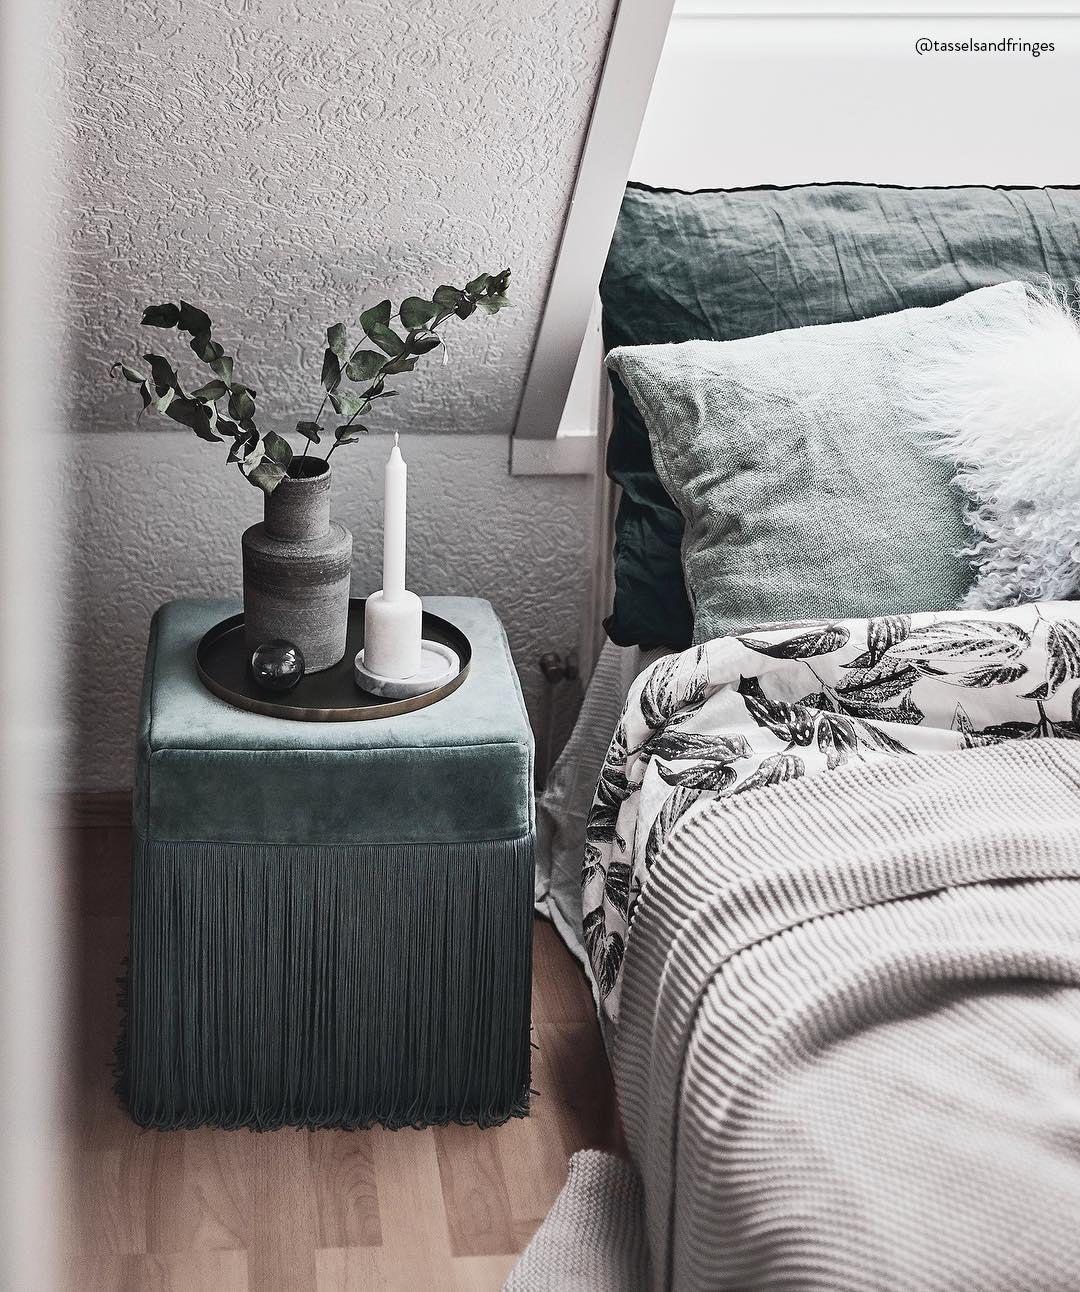 We Love Fringes Macht Euch Euer Schlafzimmer Wohnzimmer Oder Badezimmer Mit Dem Trendign Fransen Hocker Alis Schlafzimmer Kerzen Teppich Skandinavisch Hocker